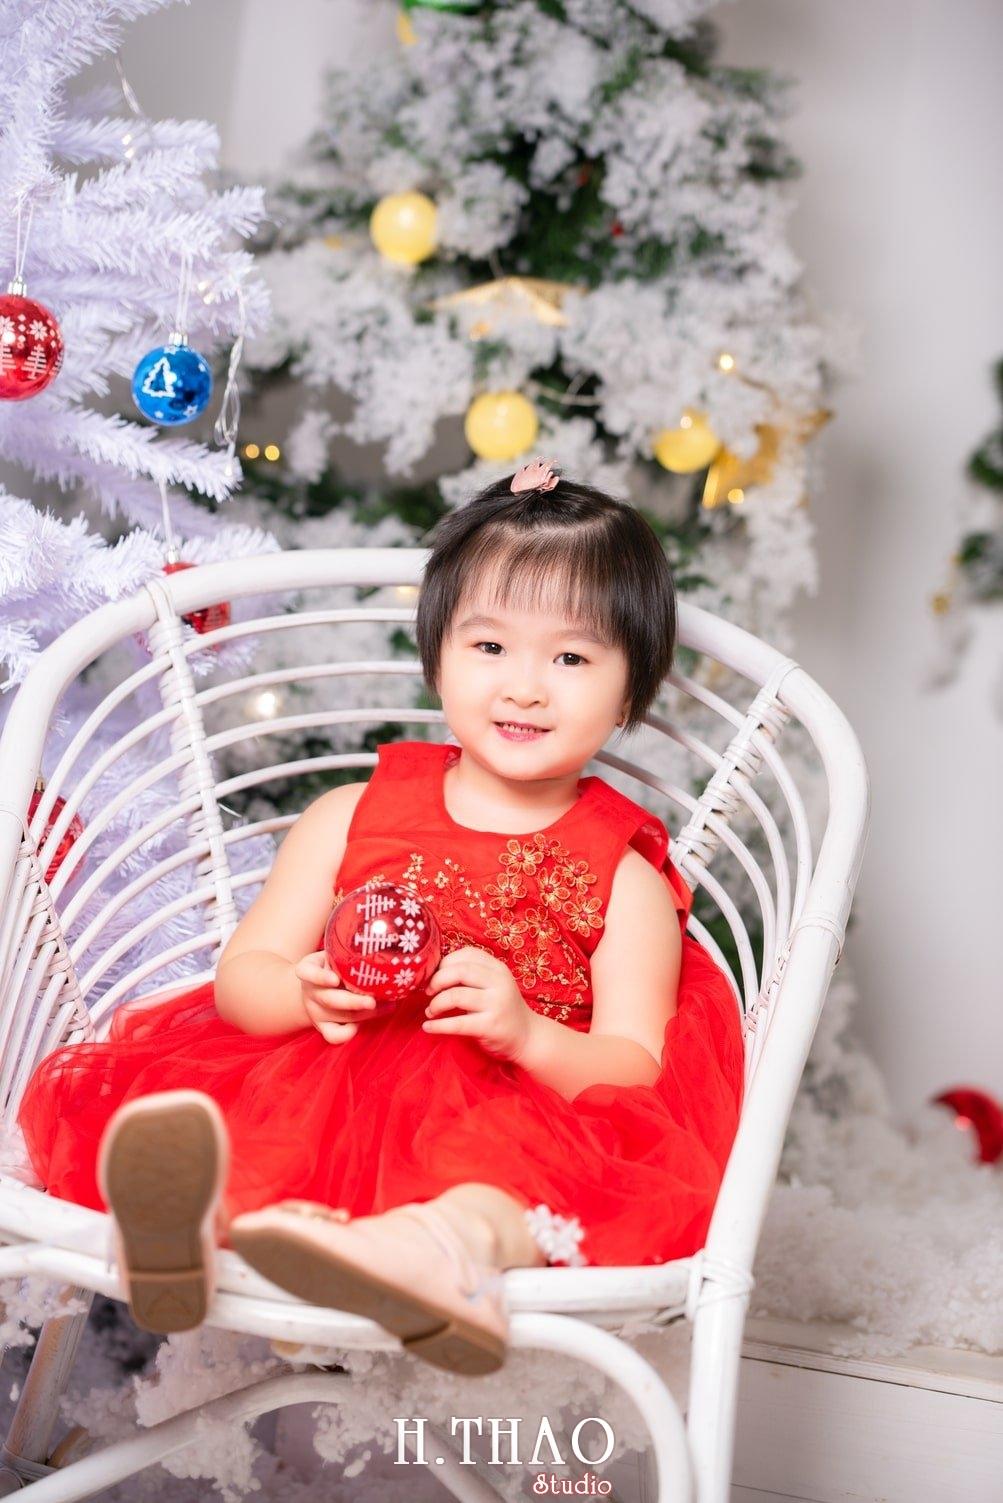 Anh be noel 20 - Album ảnh noel chụp cho con gái cưng chị Linh - HThao Studio